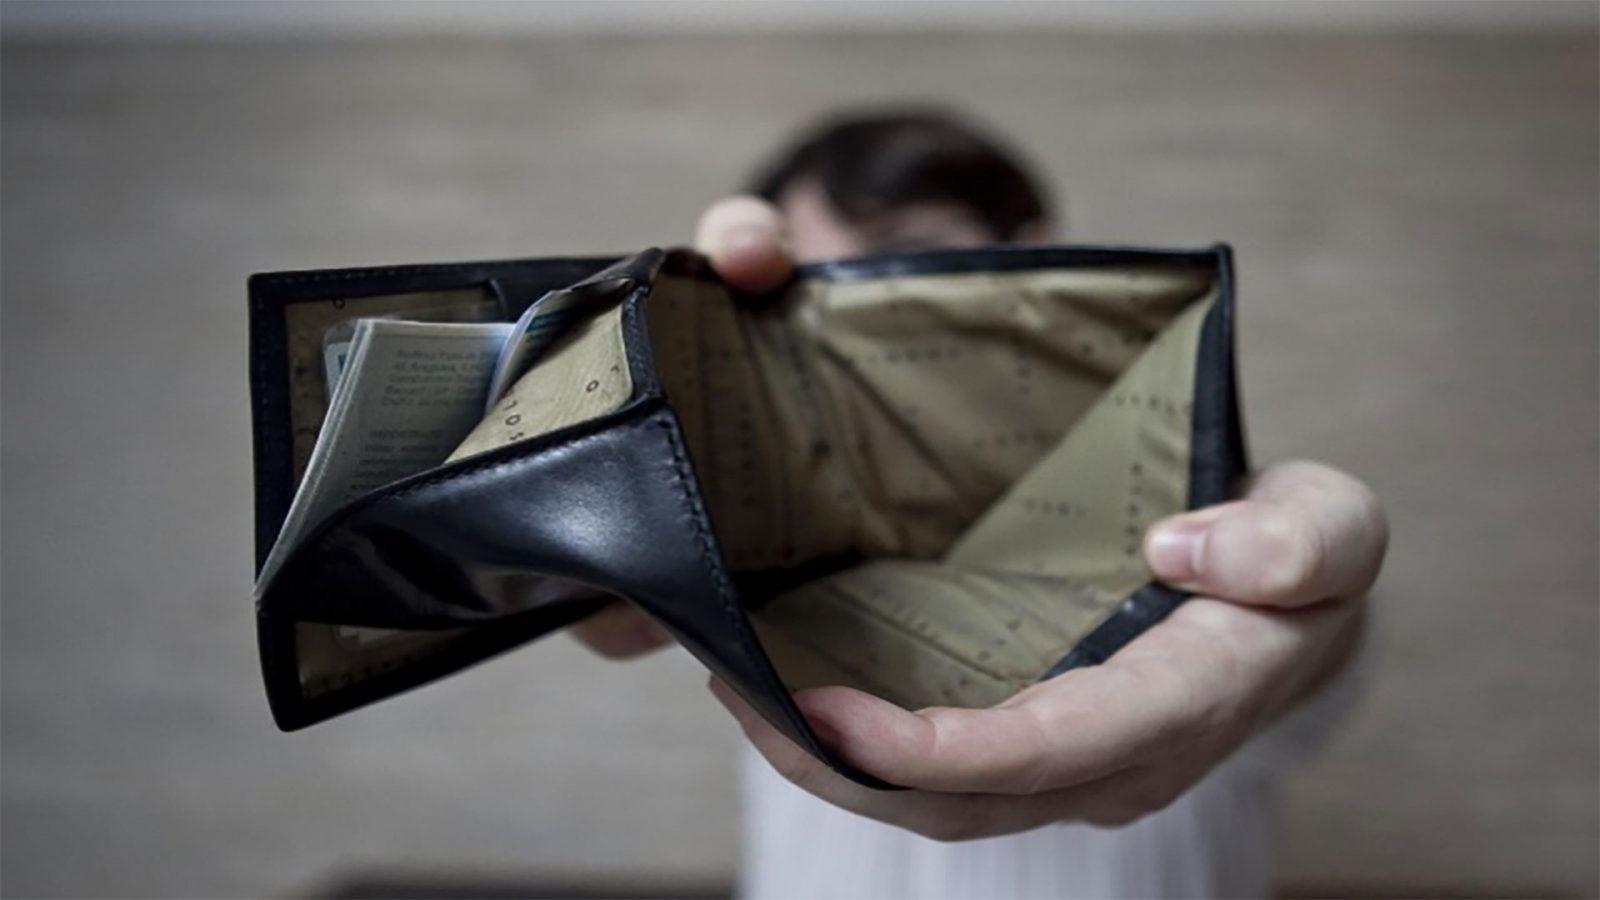 Todo desempregado tem direito ao auxílio emergencial de R$600,00?